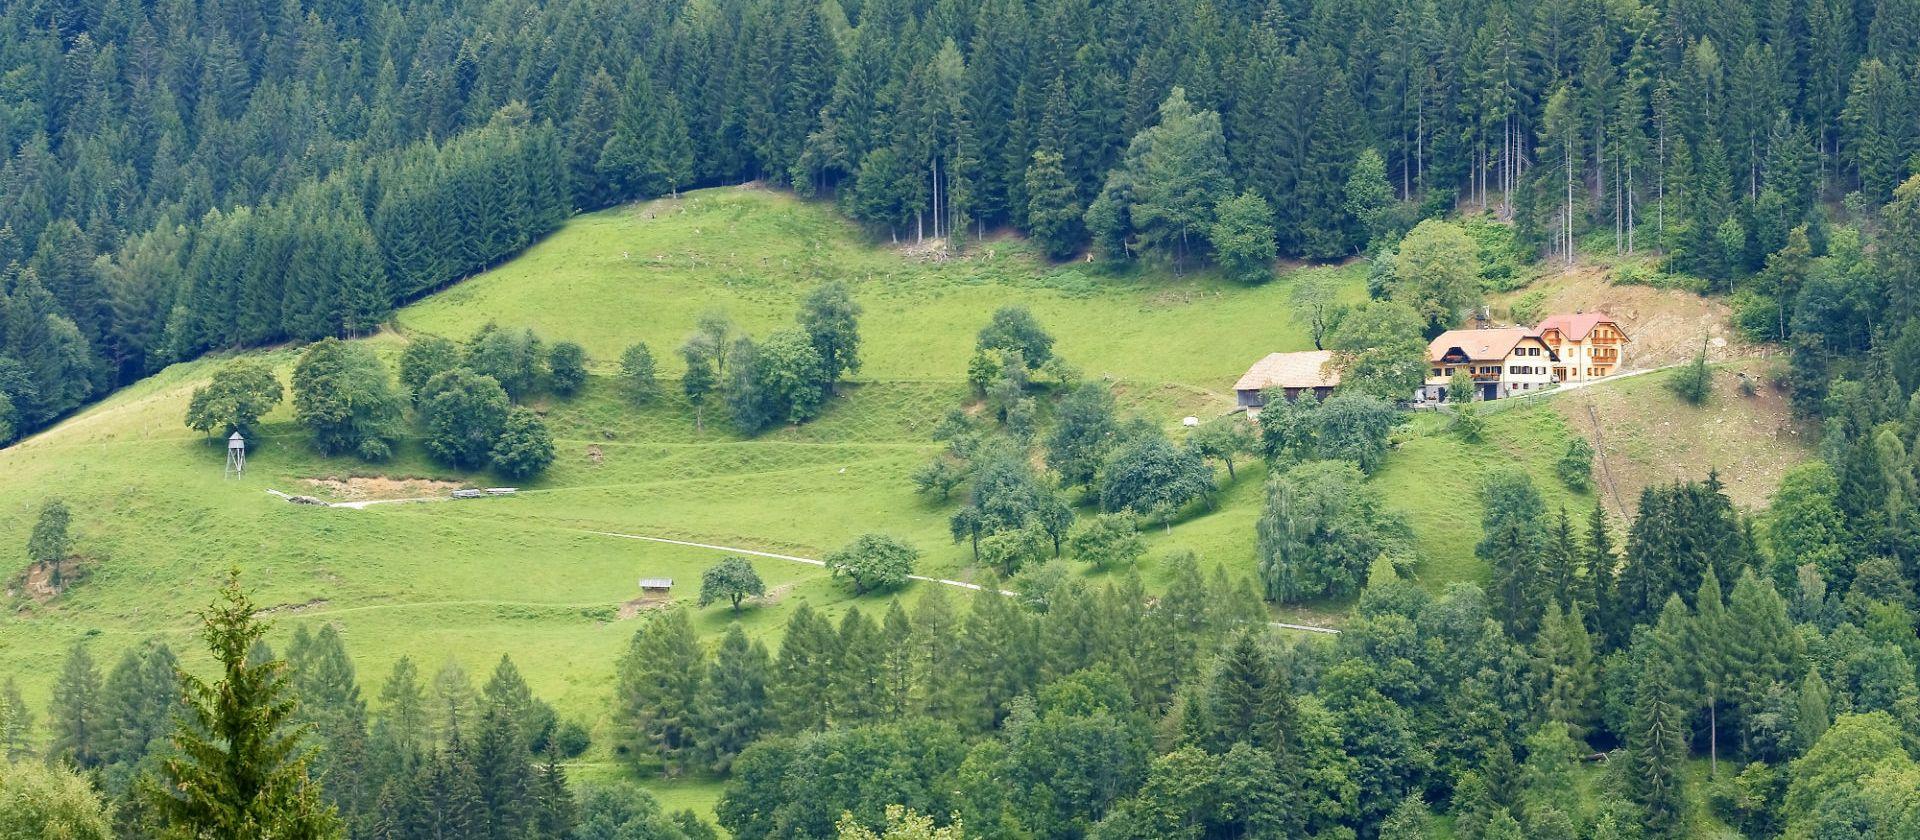 ARBAJTER - KOTNIK (»FARMA  JELENOV«)